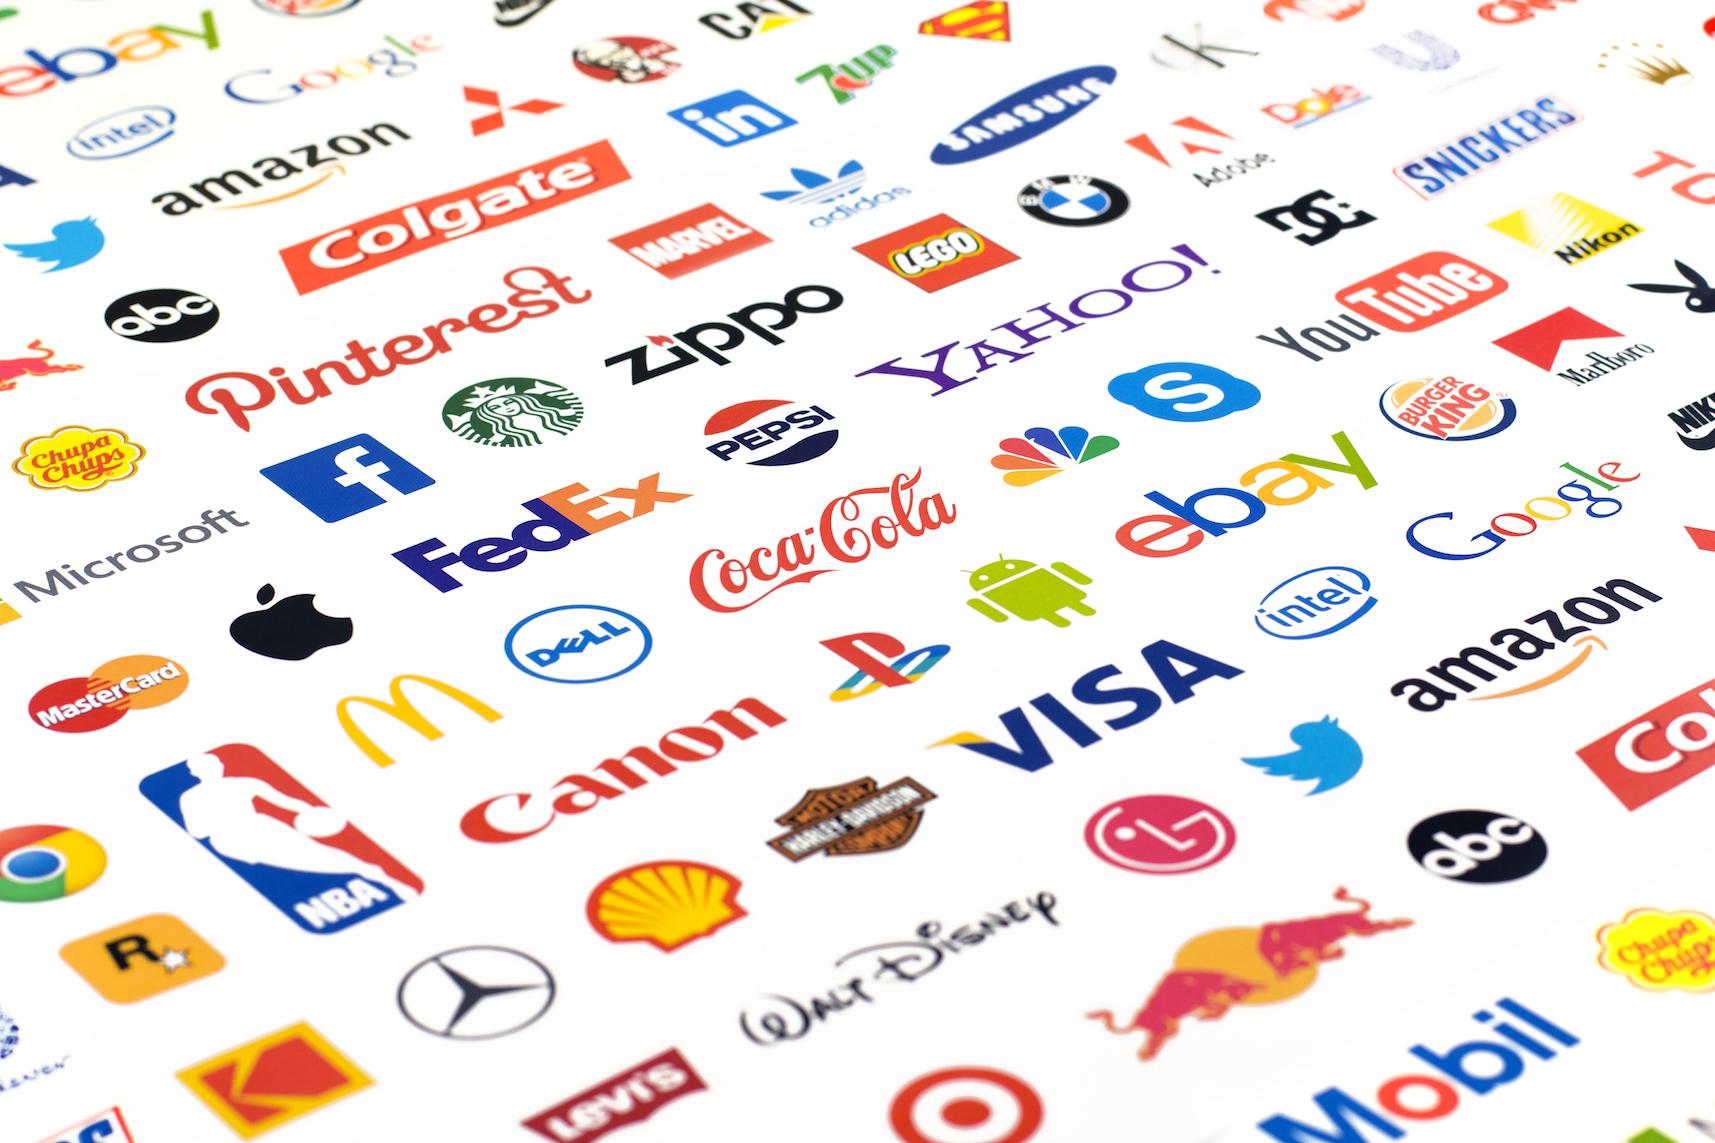 Risultati immagini per iconic brand